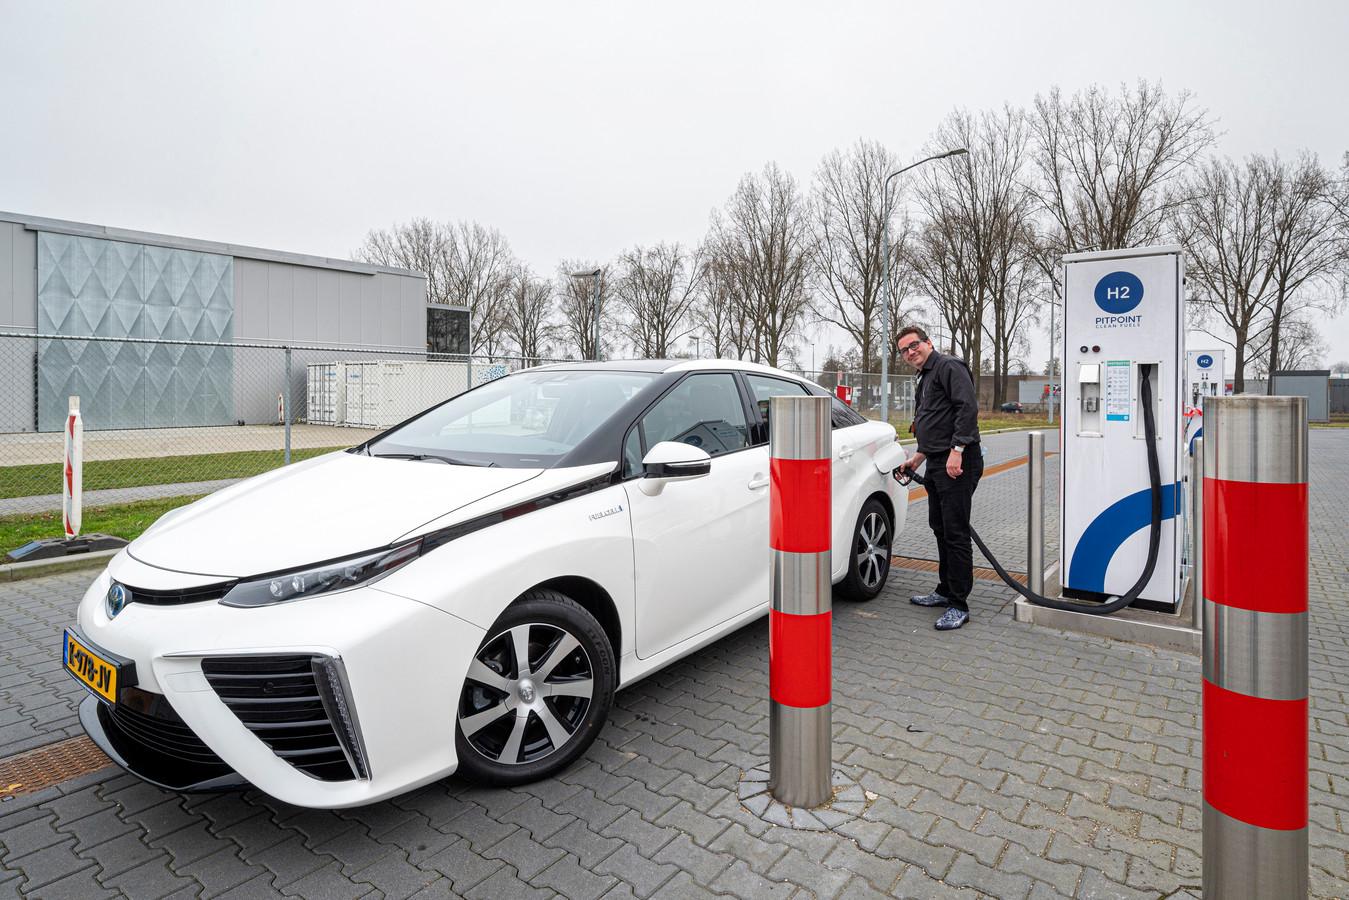 Guido Schleijpen tankt waterstof in Arnhem.